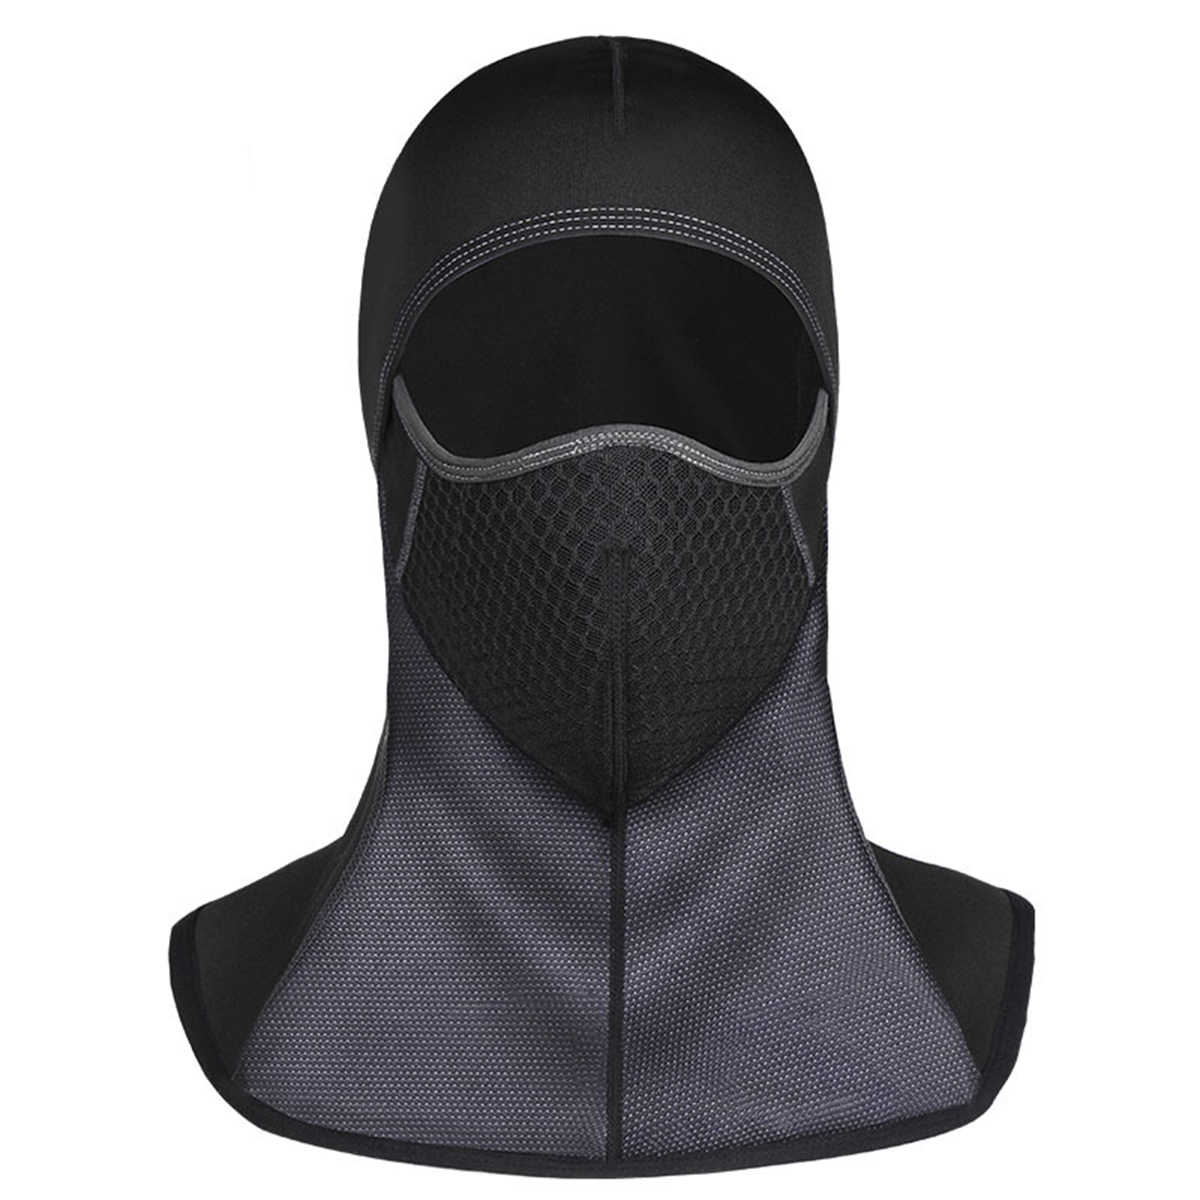 冬フリースバラクラバフェイスマスク屋外スポーツサイクリング防風フェイスマスクネックウォーマーフェイスマスク 4 種類 2019